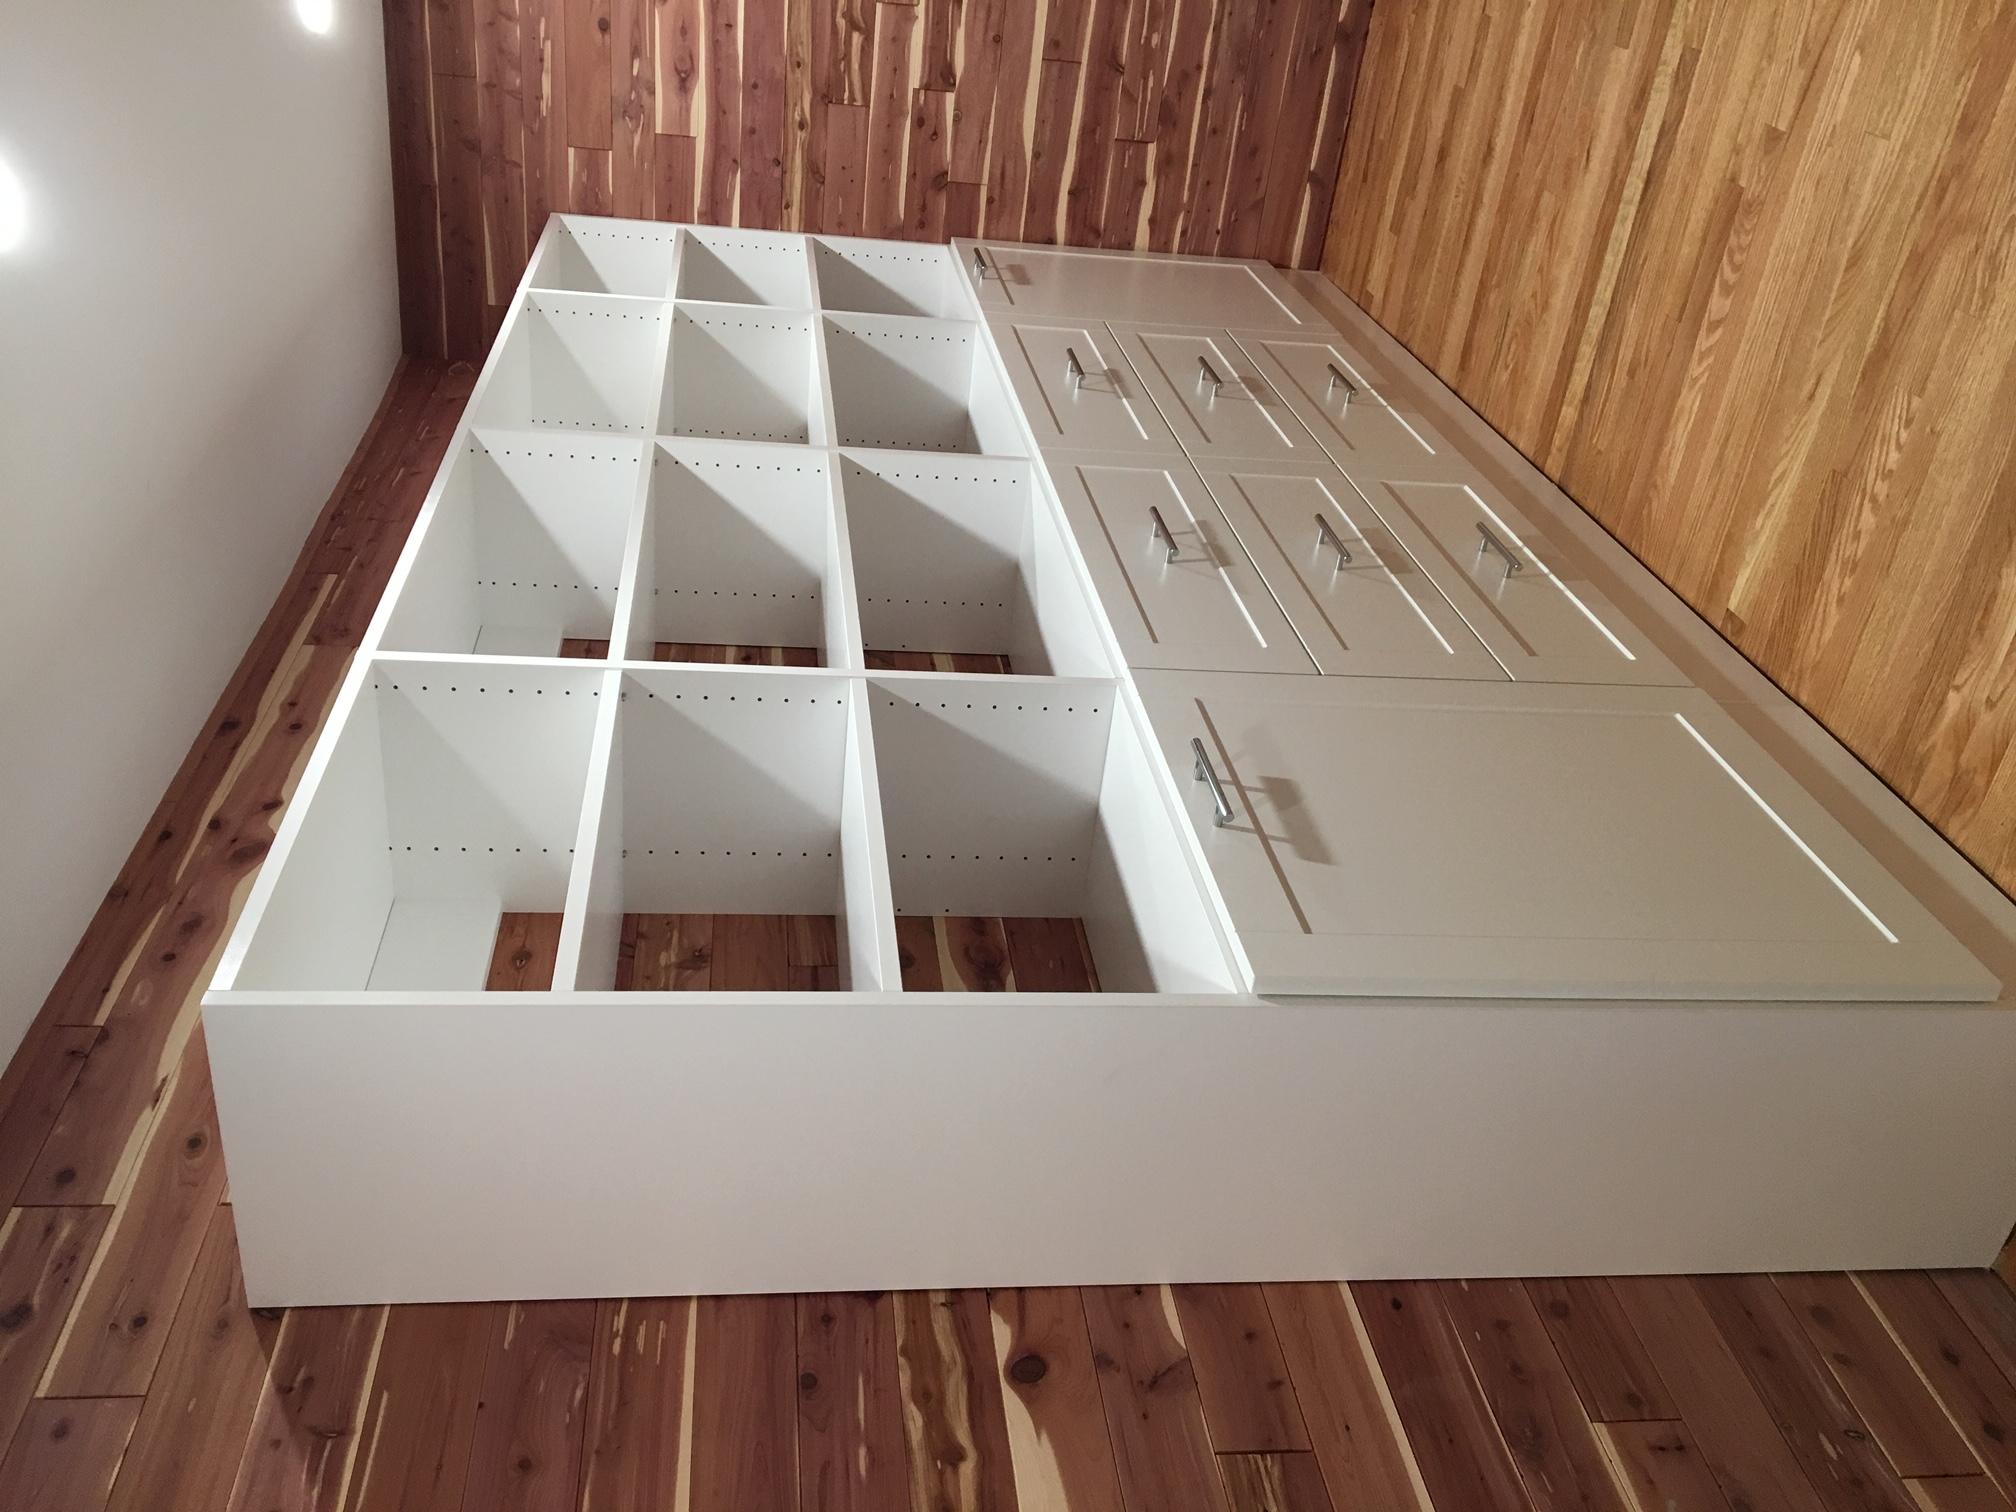 White Classica Shaker Drawers